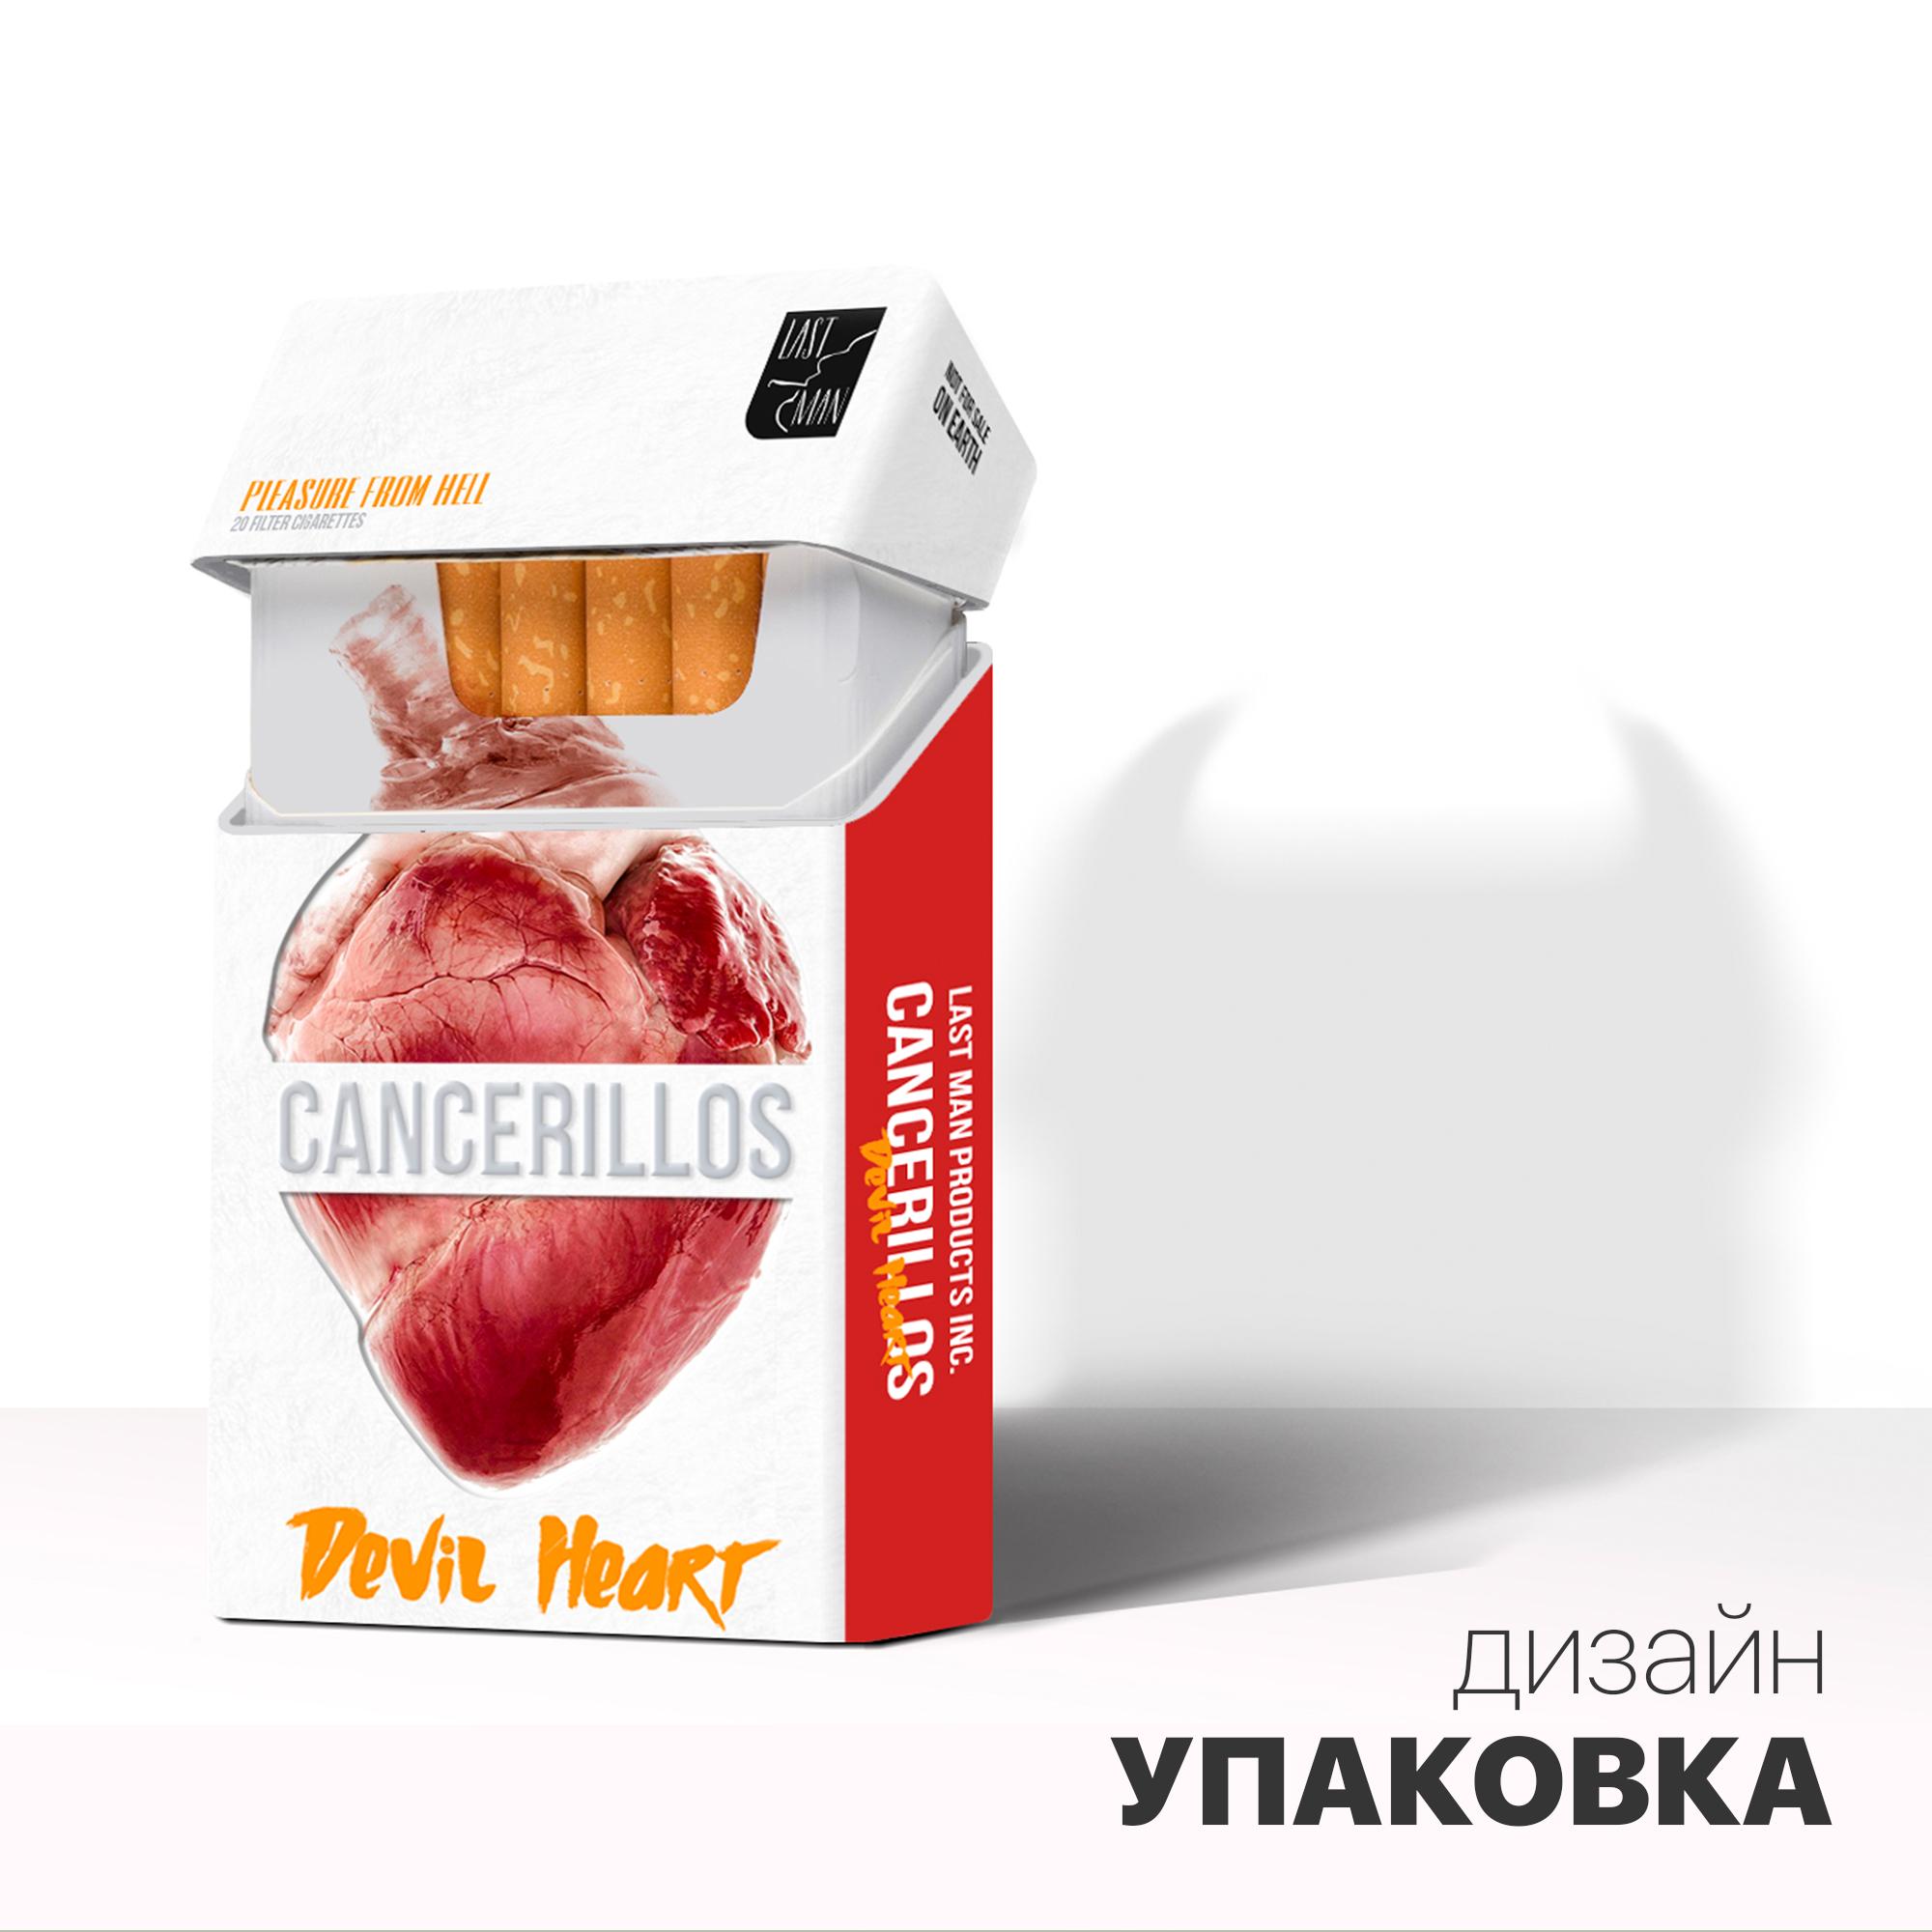 dimtiks-portfolio-11